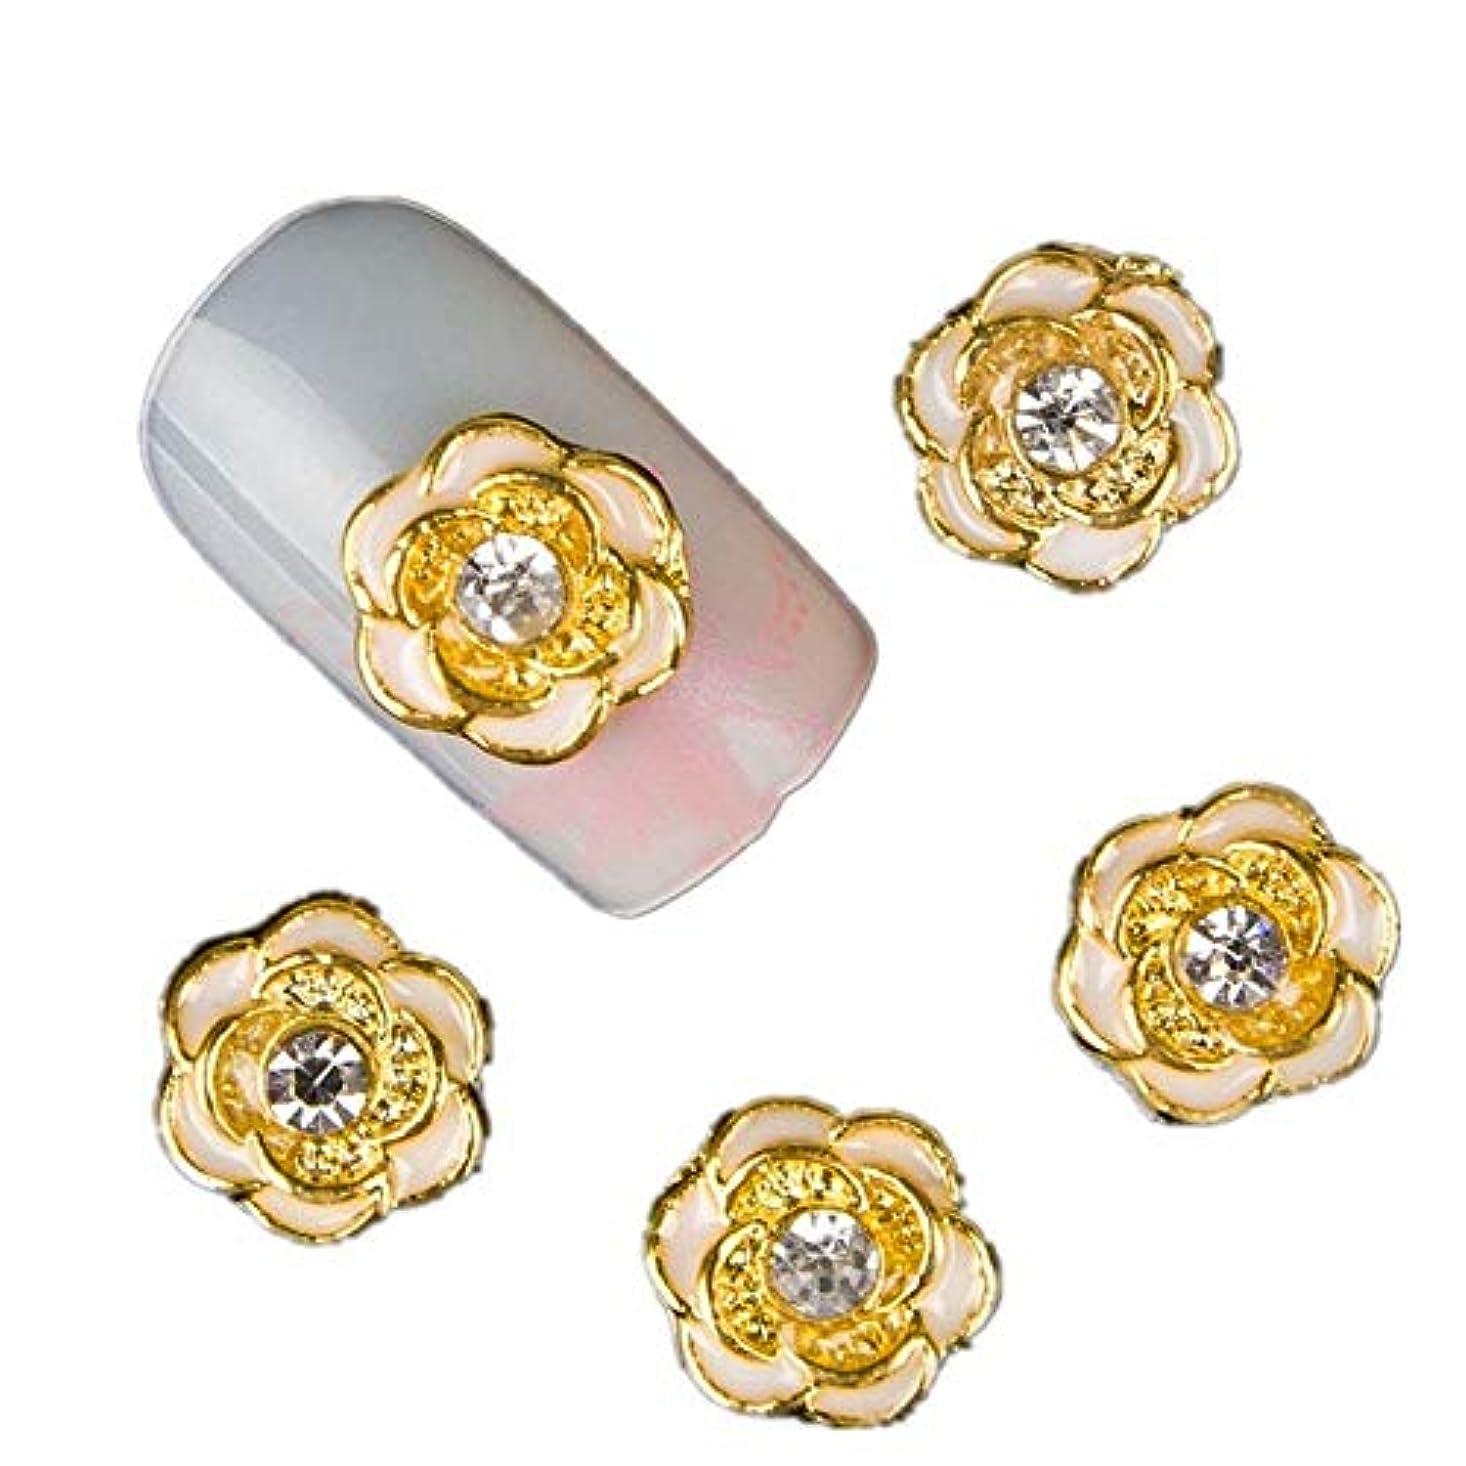 乙女メトリック再開10の3Dゴールドローズフラワーネイルアートの装飾ラインストーン合金DIYネイル用品マニキュアデザイン